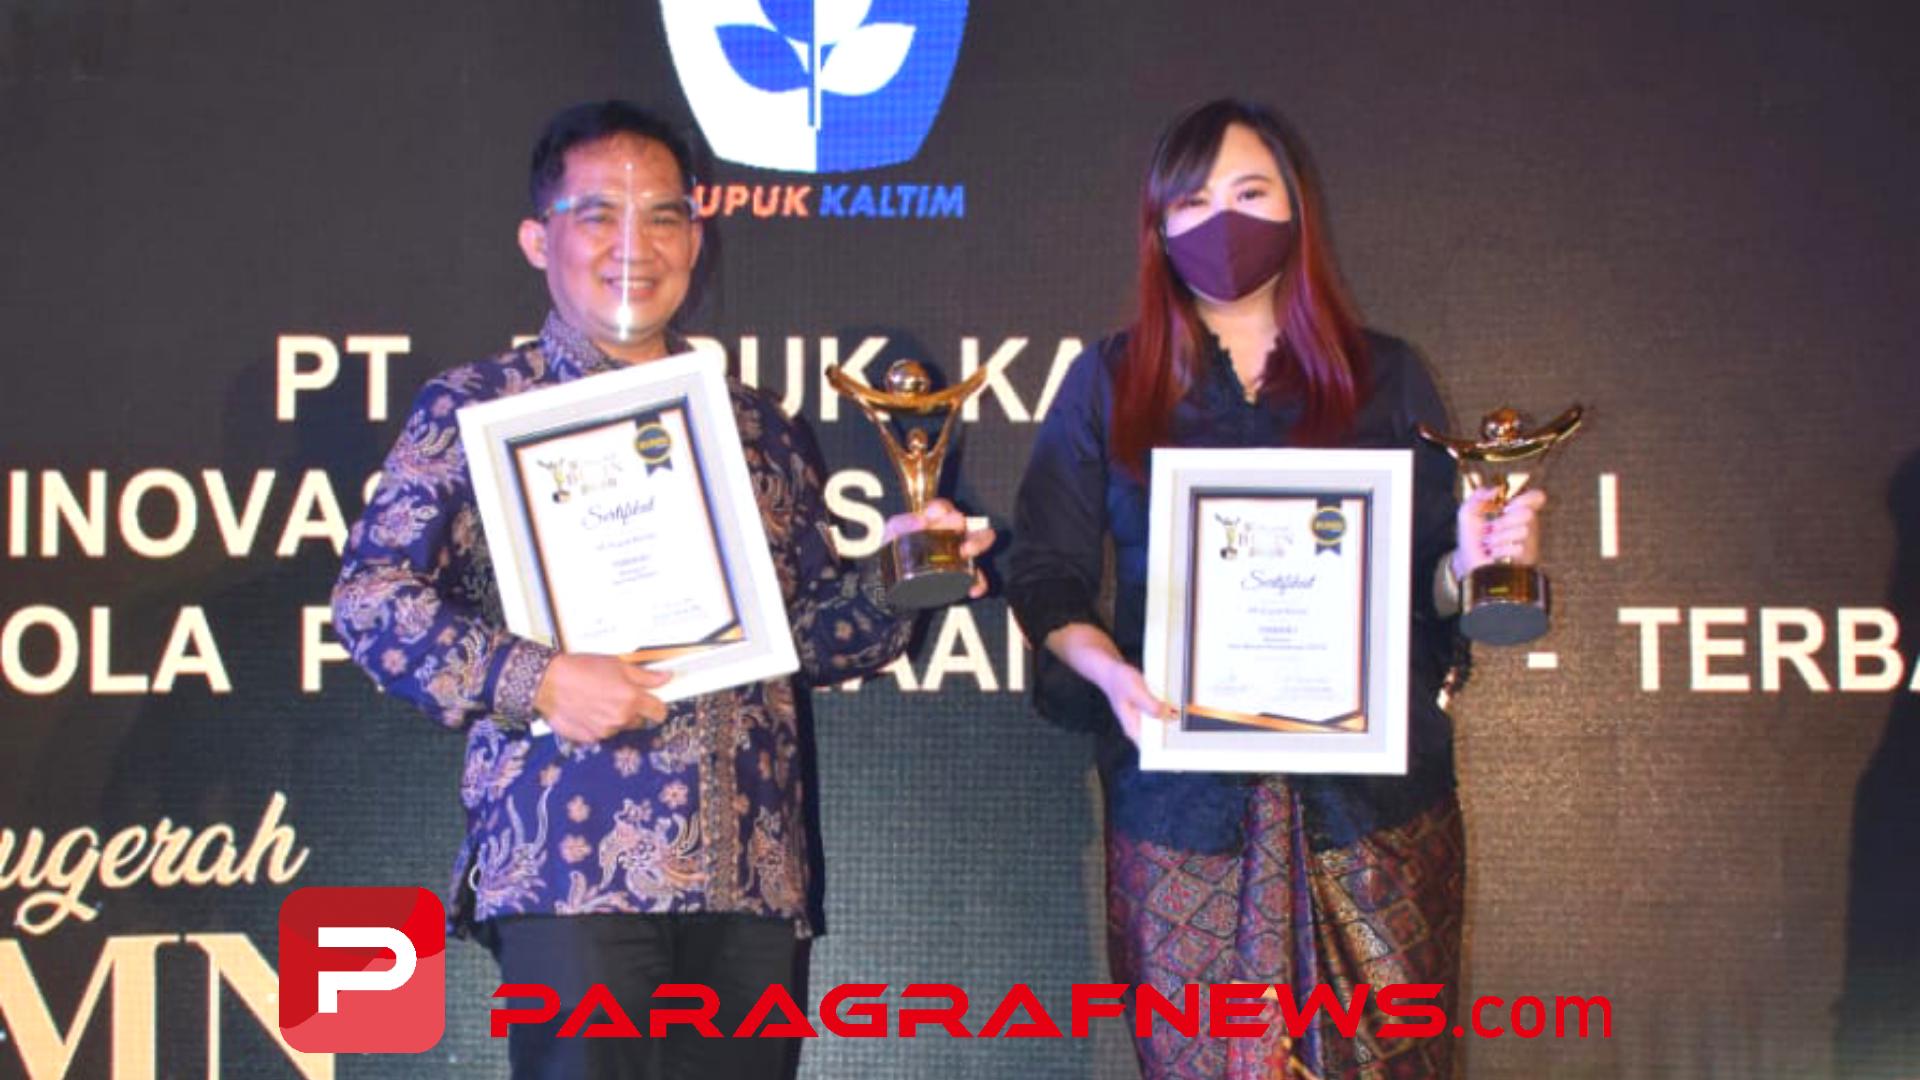 Swafoto. Direktur SDM dan Umum Pupuk Kaltim, Meizar Effendi menerima penghargaan Terbaik I Kategori Tata Kelola Perusahaan (GCG) dan Manager Inovasi dan Pengembangan Manajemen (Inbangman) Pupuk Kaltim Alvina Elysia Dharmawangsa menerima penghargaan Terbaik I Kategori Inovasi Bisnis.